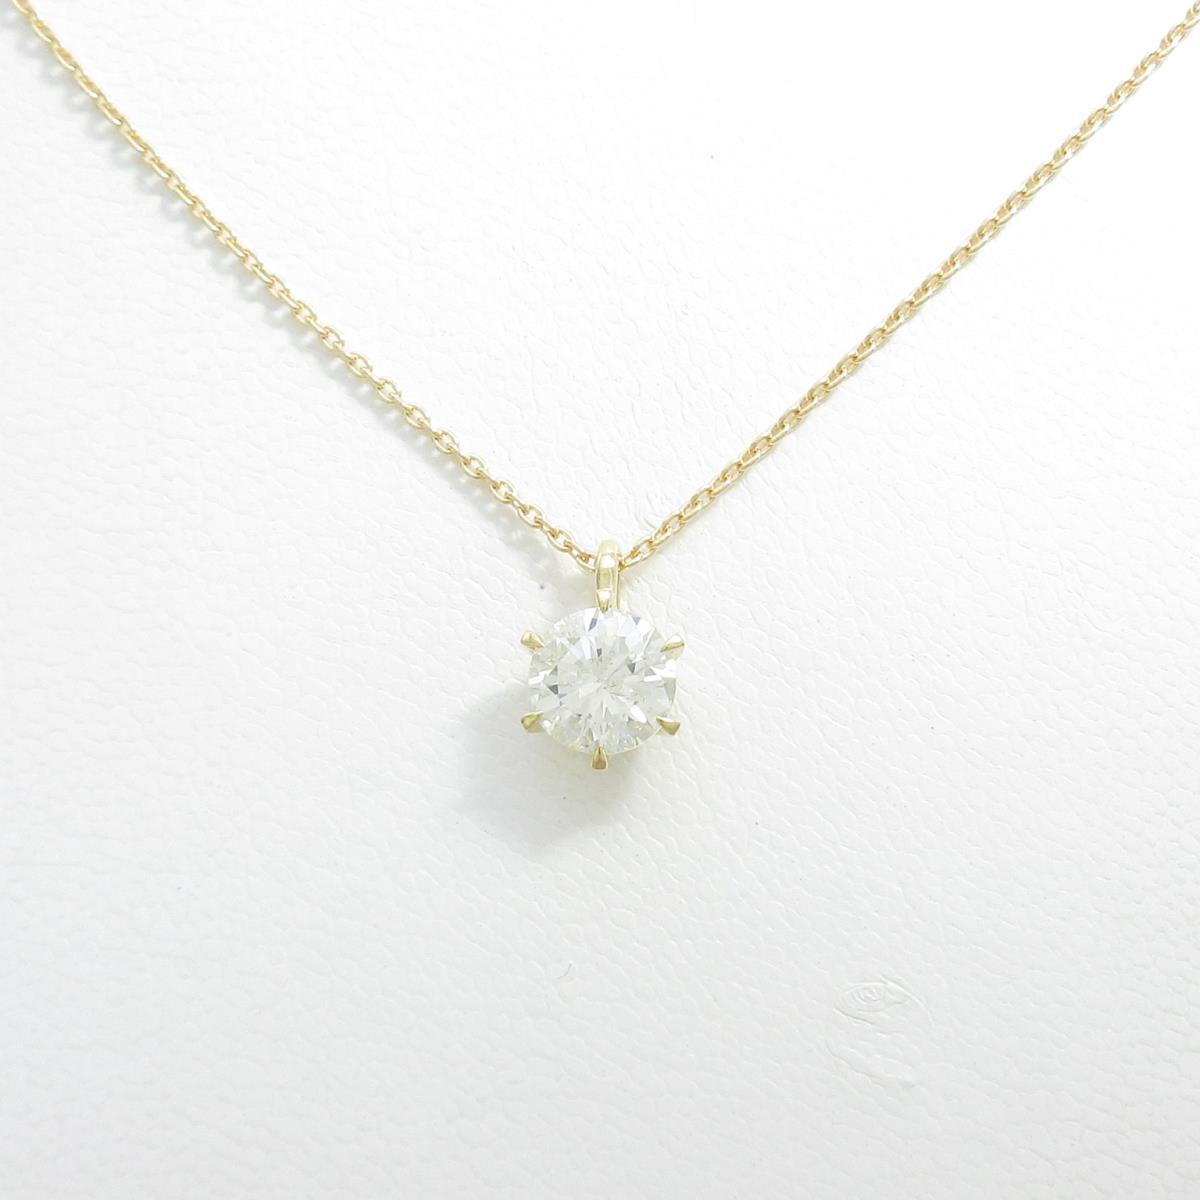 【リメイク】K18YG ダイヤモンドネックレス 1.202ct・L・I1・GOOD【中古】